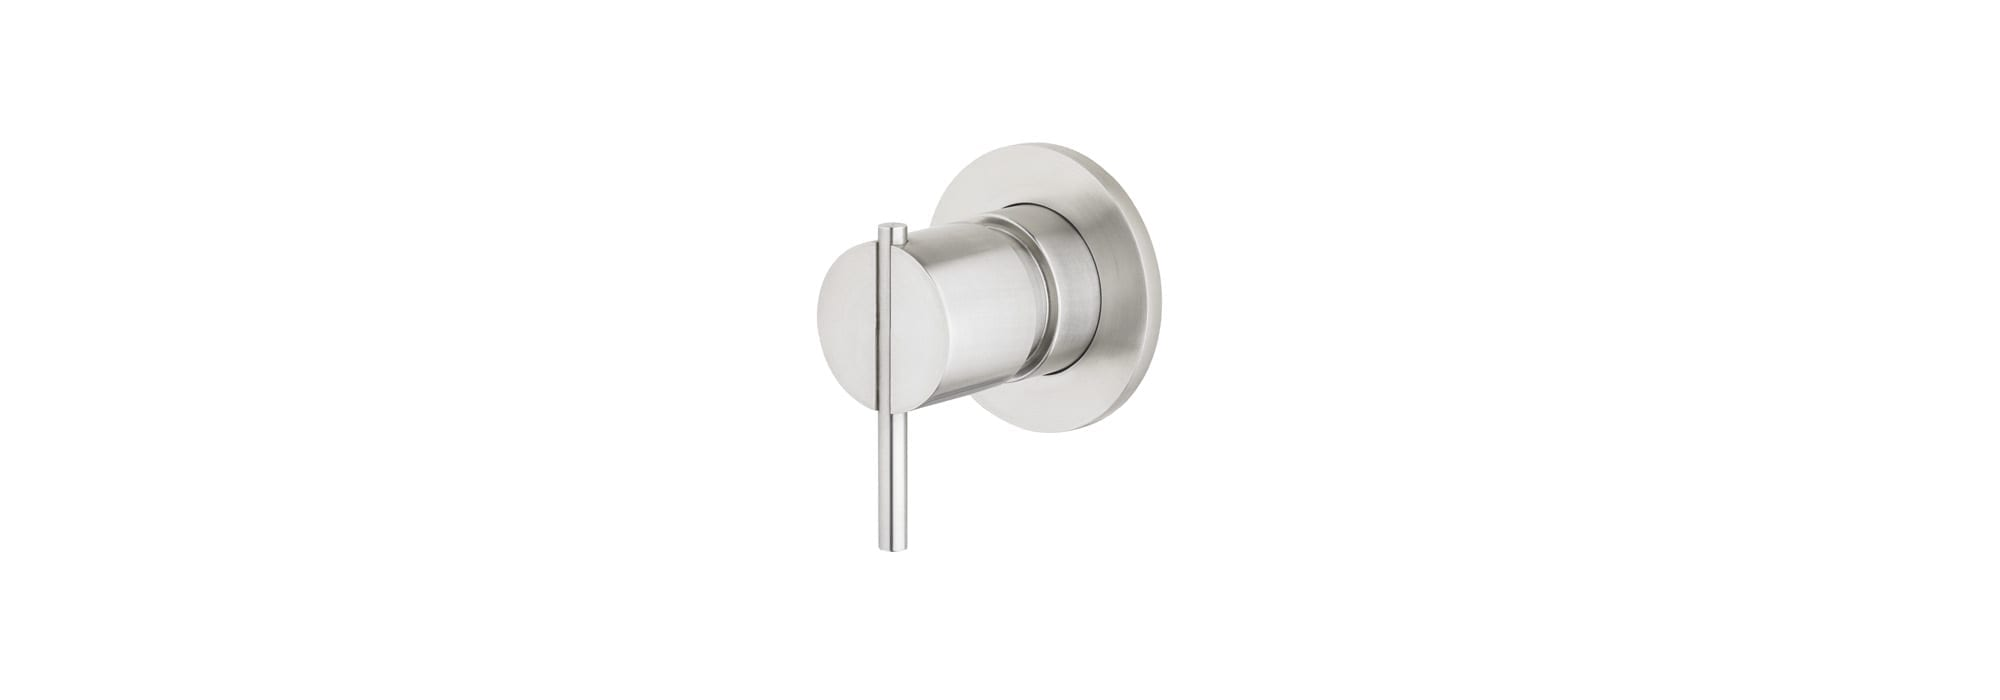 אינטרפוץ למקלחת 3 דרך, נירוסטה – T4.42B.IE by Milstone